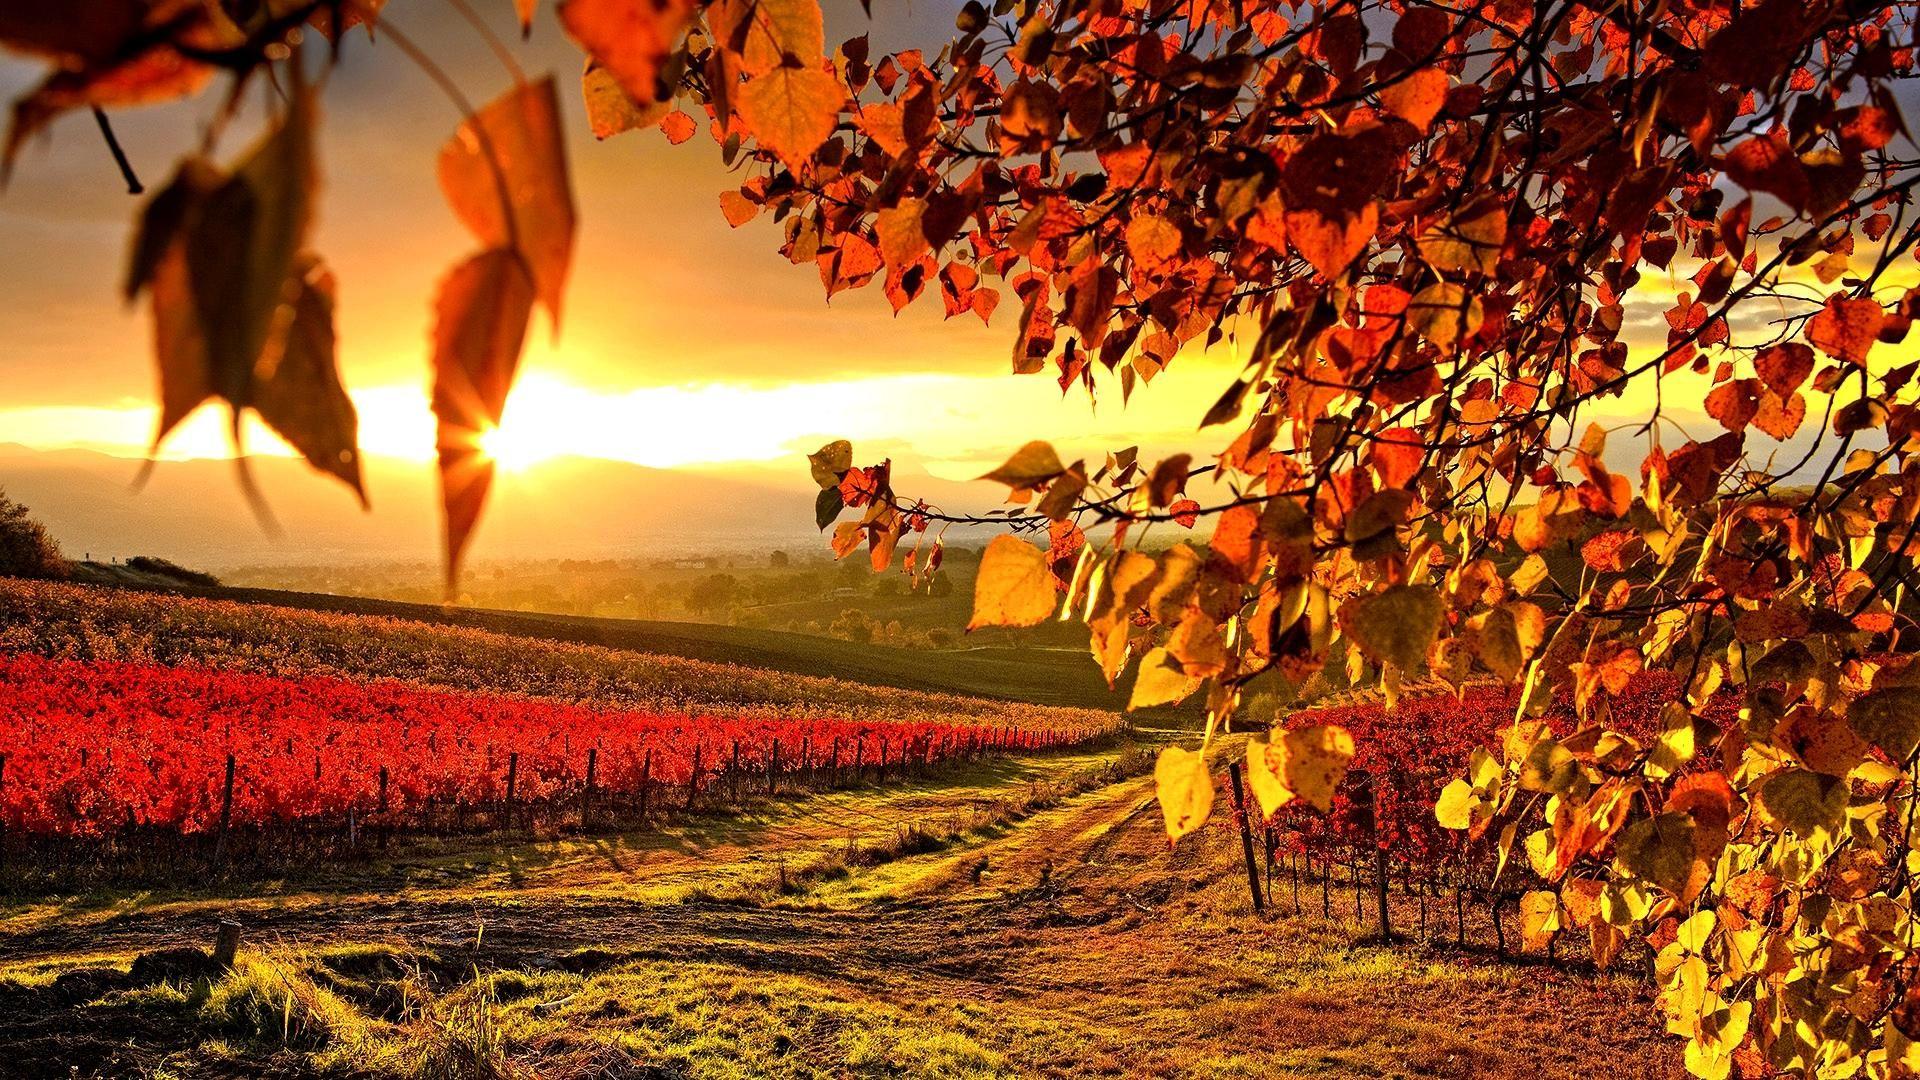 Vineyard Couleur Automne Paysage Photos